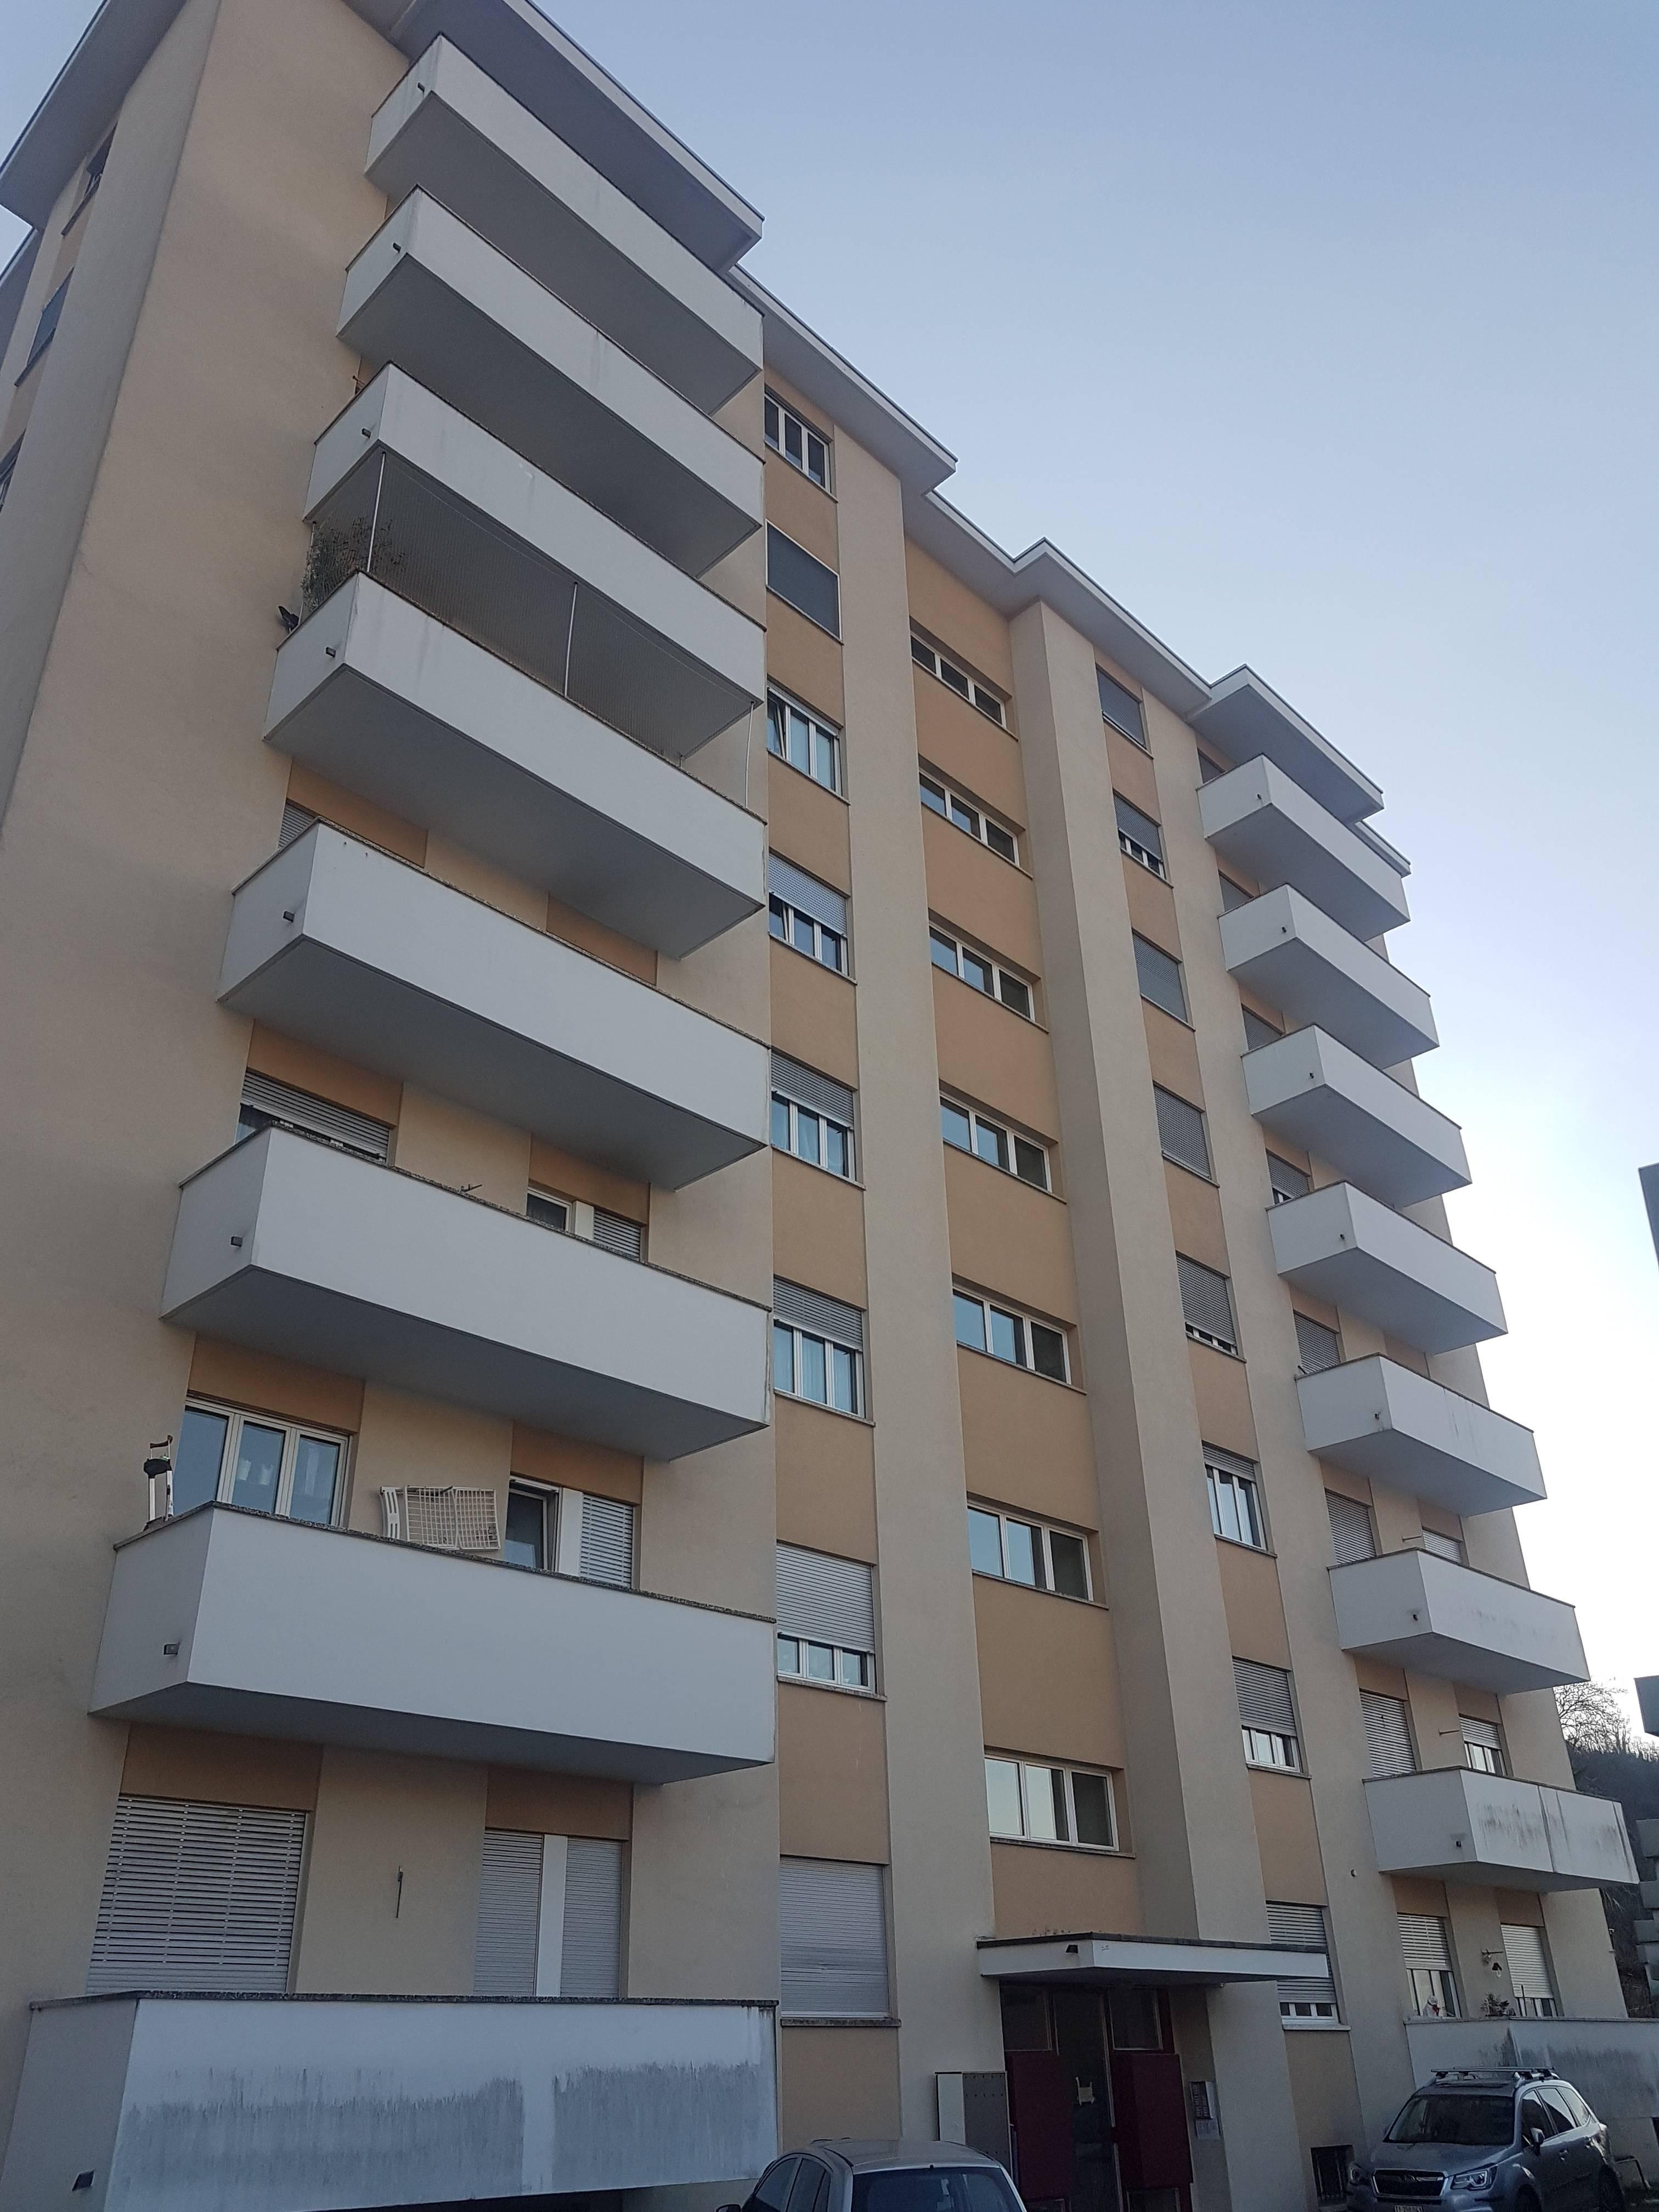 Appartamento 2,5 Locali Lontano dal Traffico